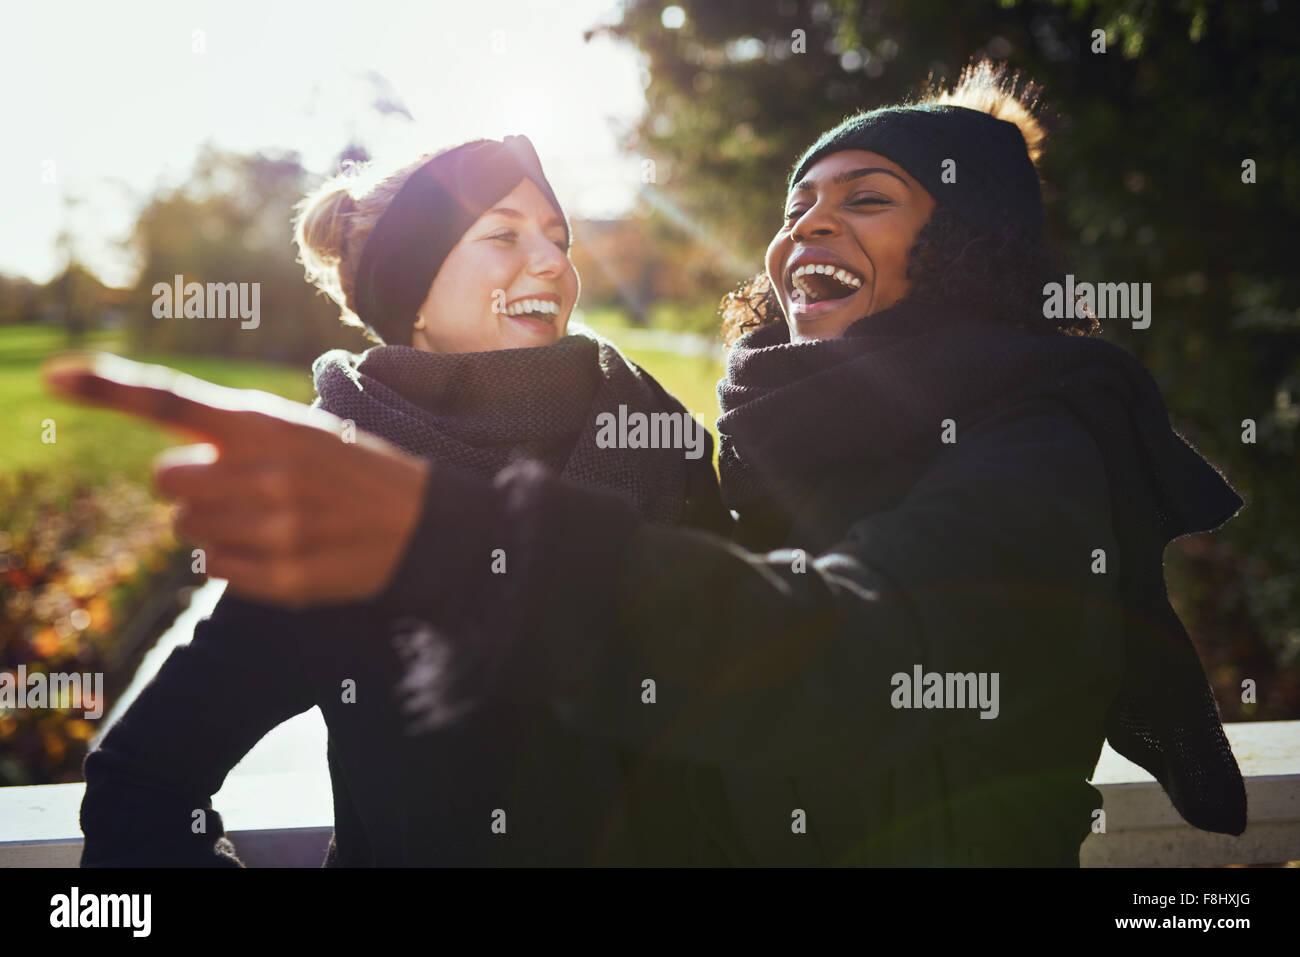 Zwei Frauen lachten etwas stehend im park Stockbild